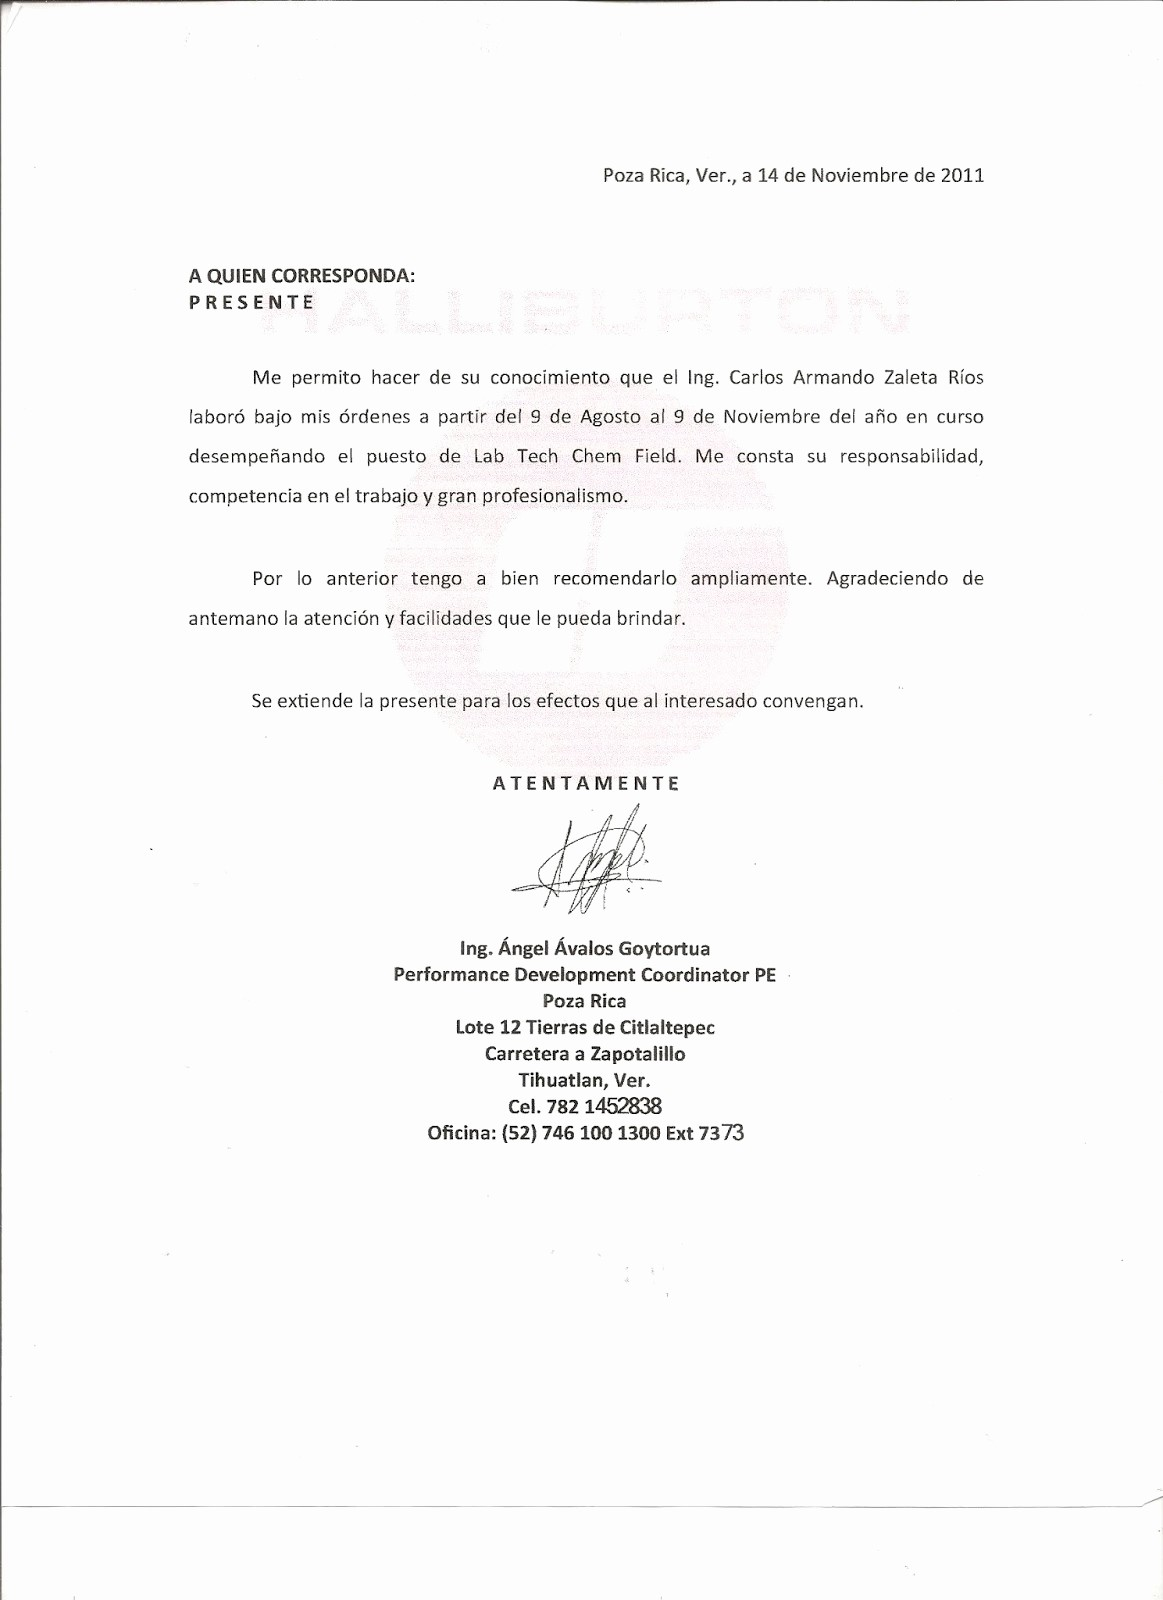 Formato Carta De Recomendacion Personal Fresh Carta De Re Endacion Laboral Word Wood Scribd Mexico